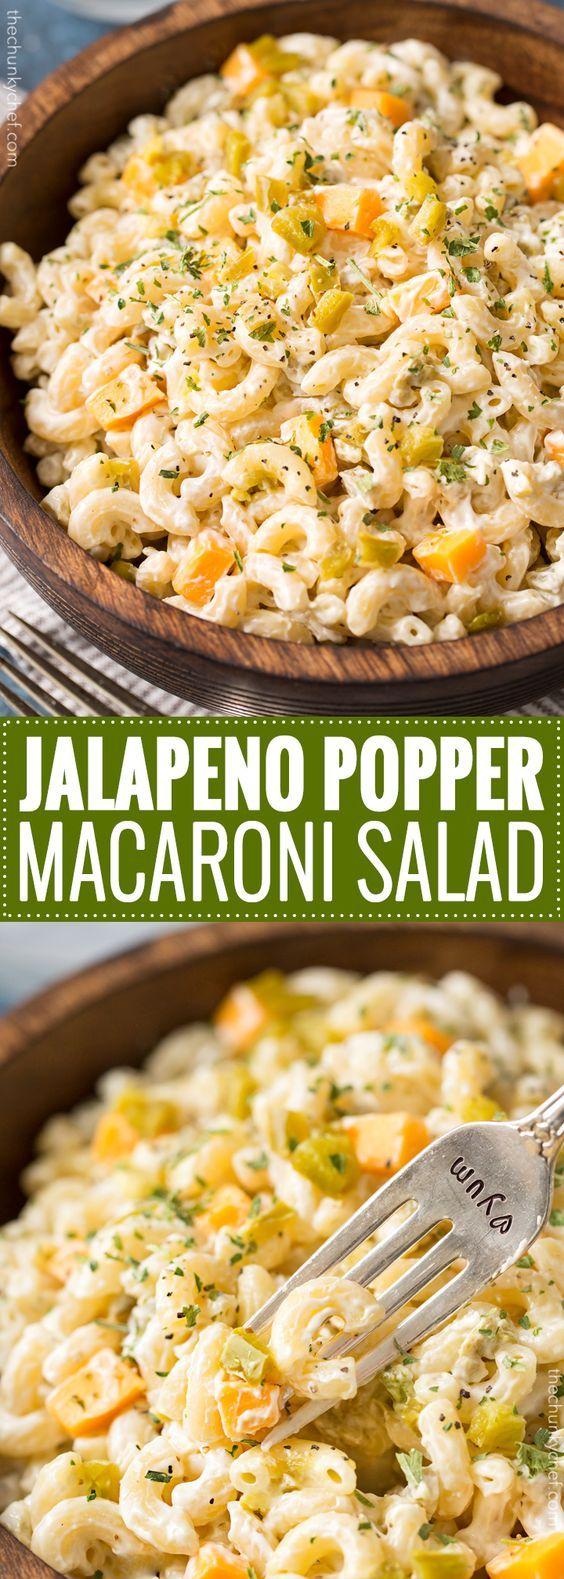 100 elbow macaroni recipes on pinterest recipe for